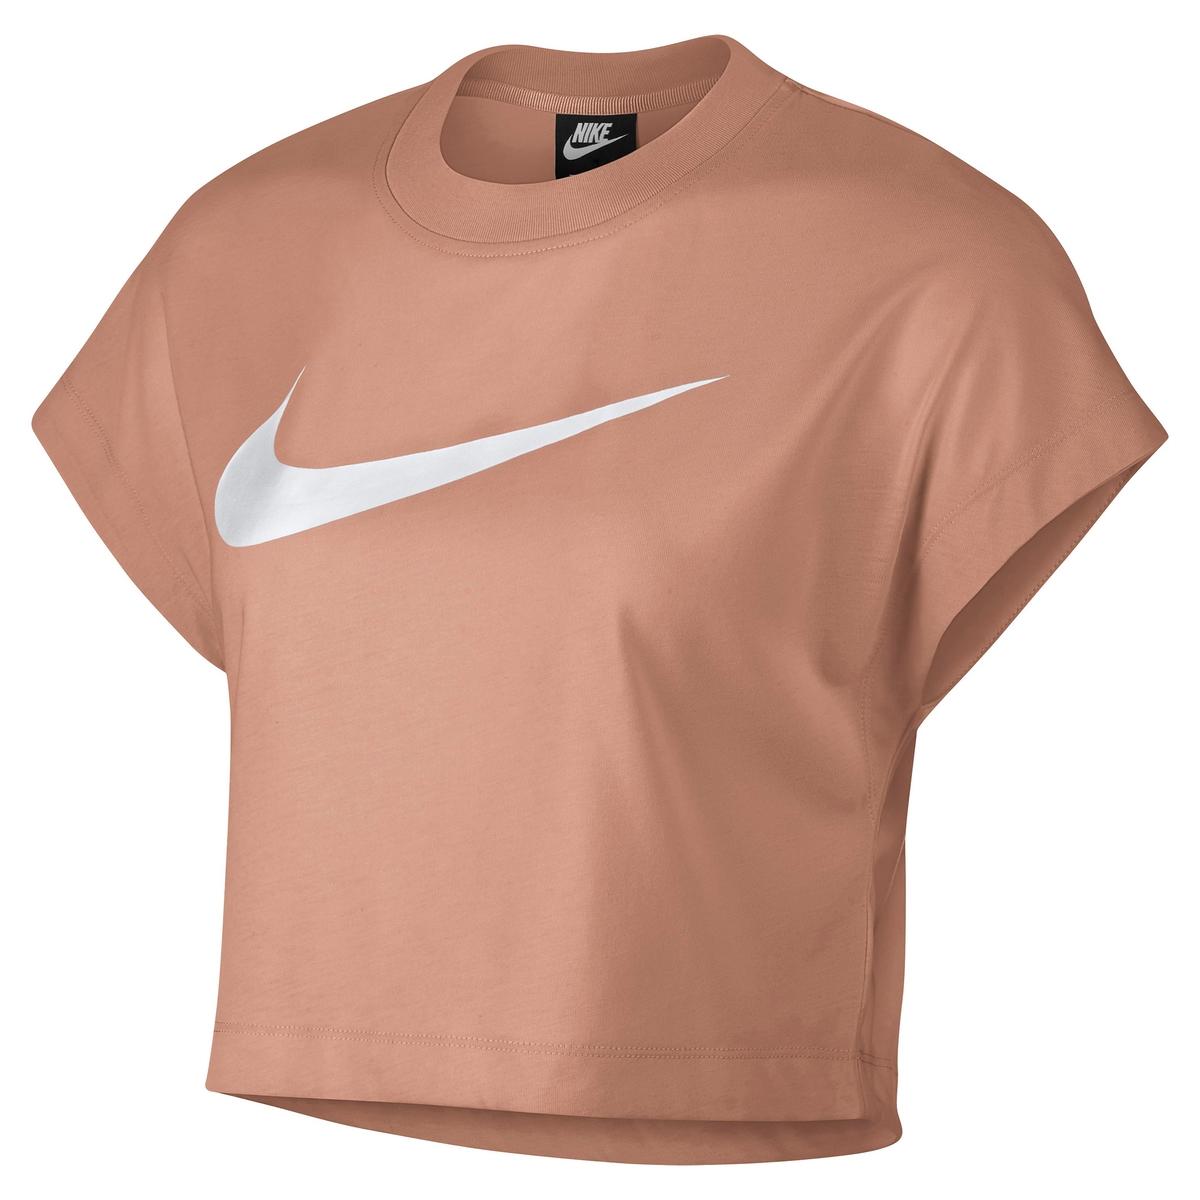 Camiseta con cuello redondo y manga corta, logotipo en el pecho